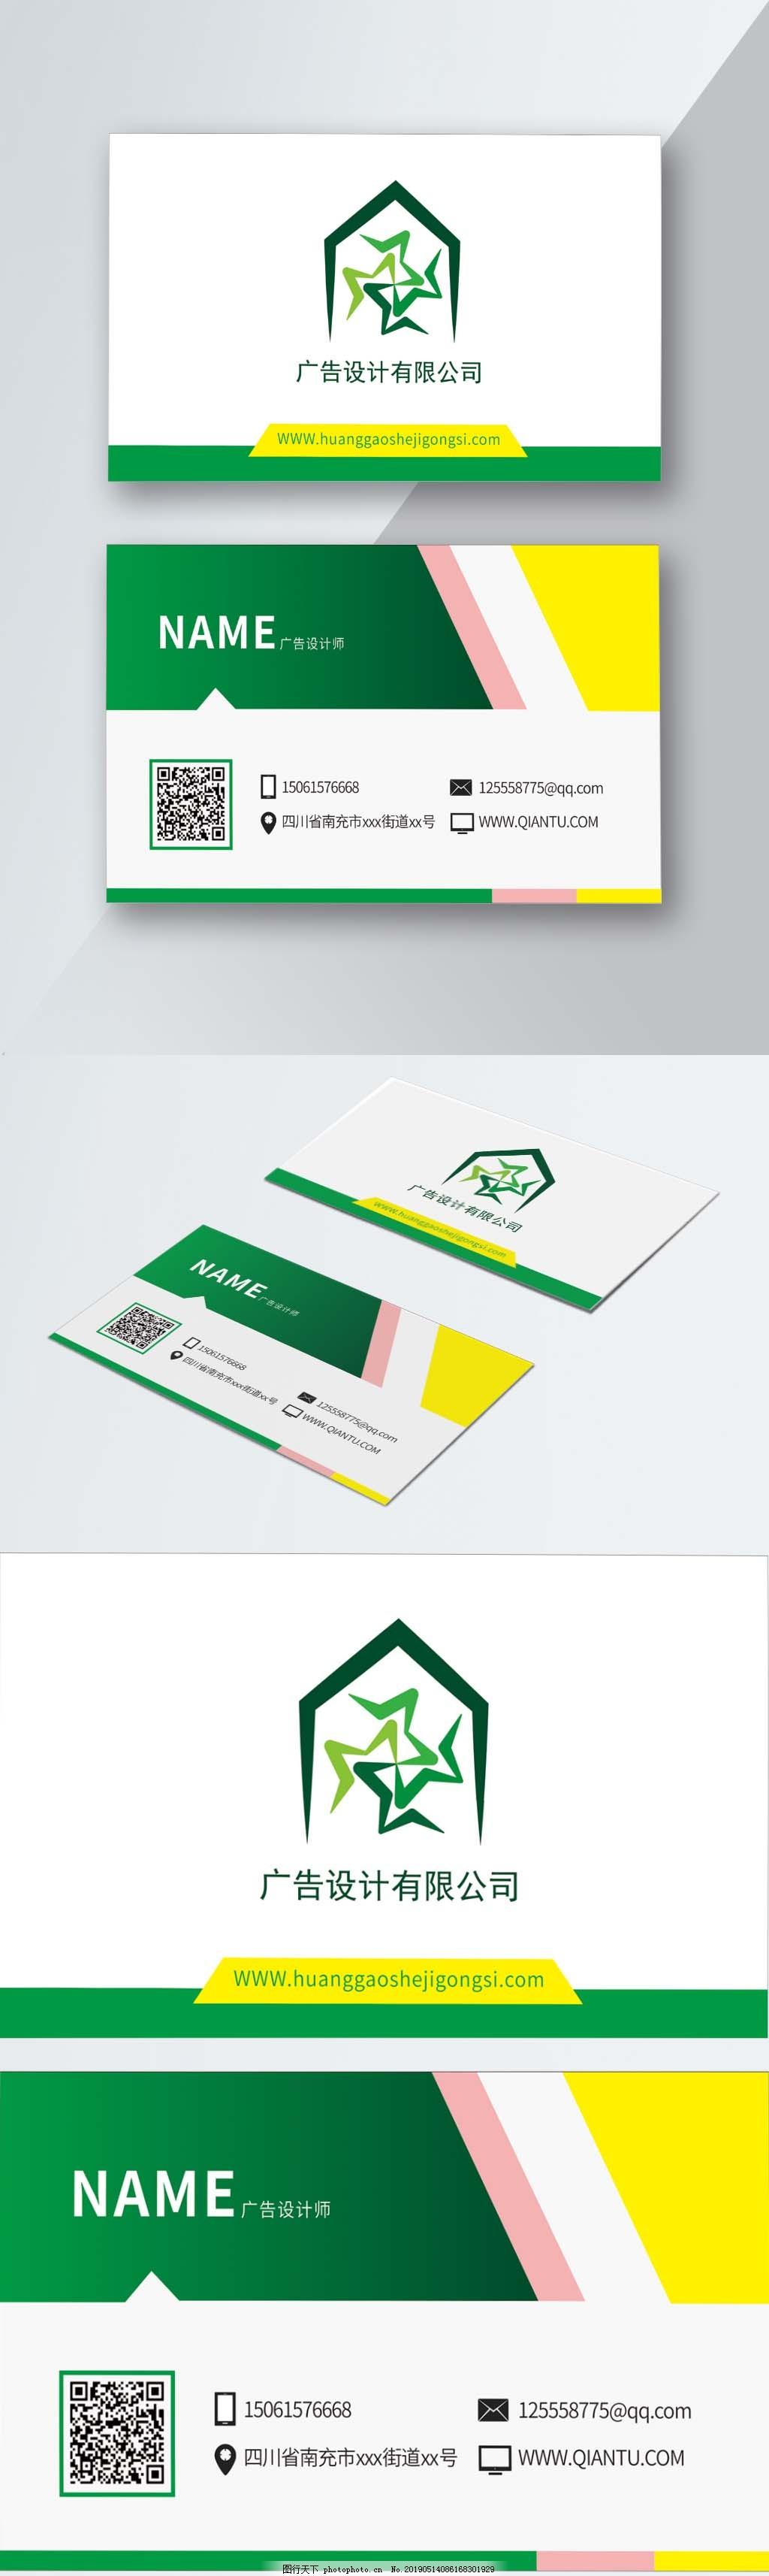 撞色商务广告公司设计名片,广告设计,广告公司名片,绿色,简约风名片,商务名片